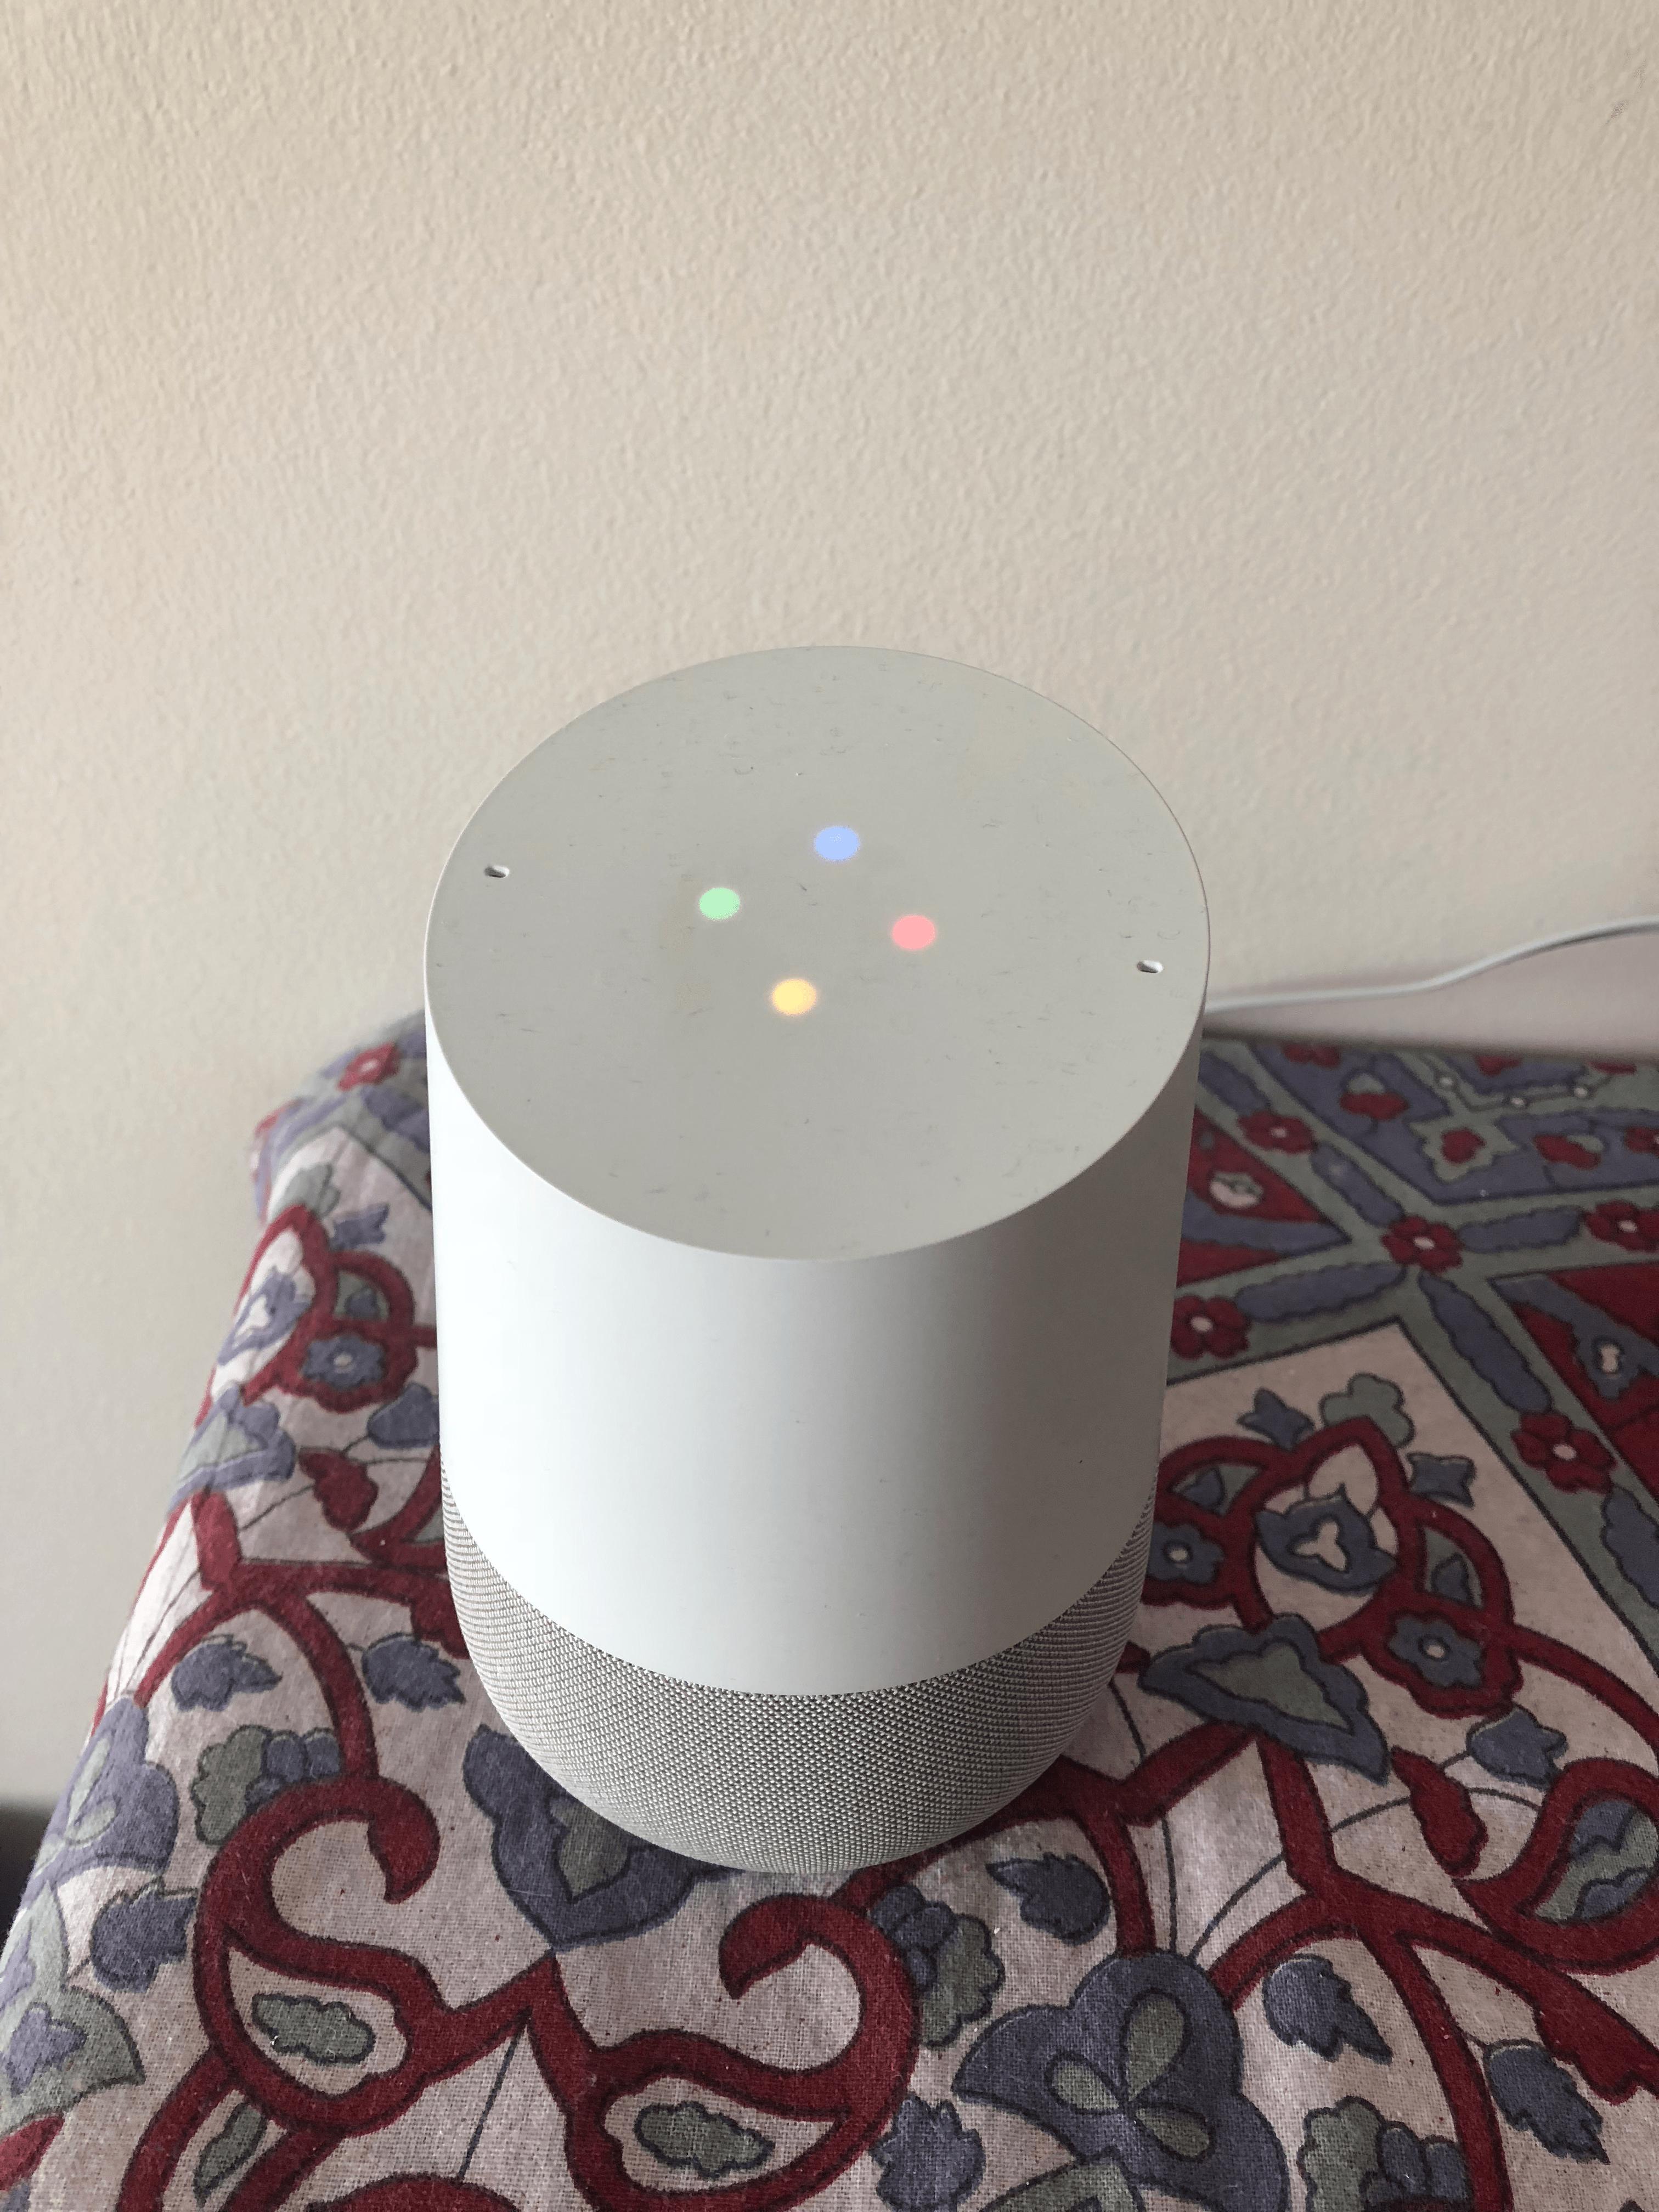 """Google Home загорается при прослушивании триггера """"Hey, Google"""" чтобы сообщить, что устройство находится в режиме ожидания и ждет команды от пользователя."""